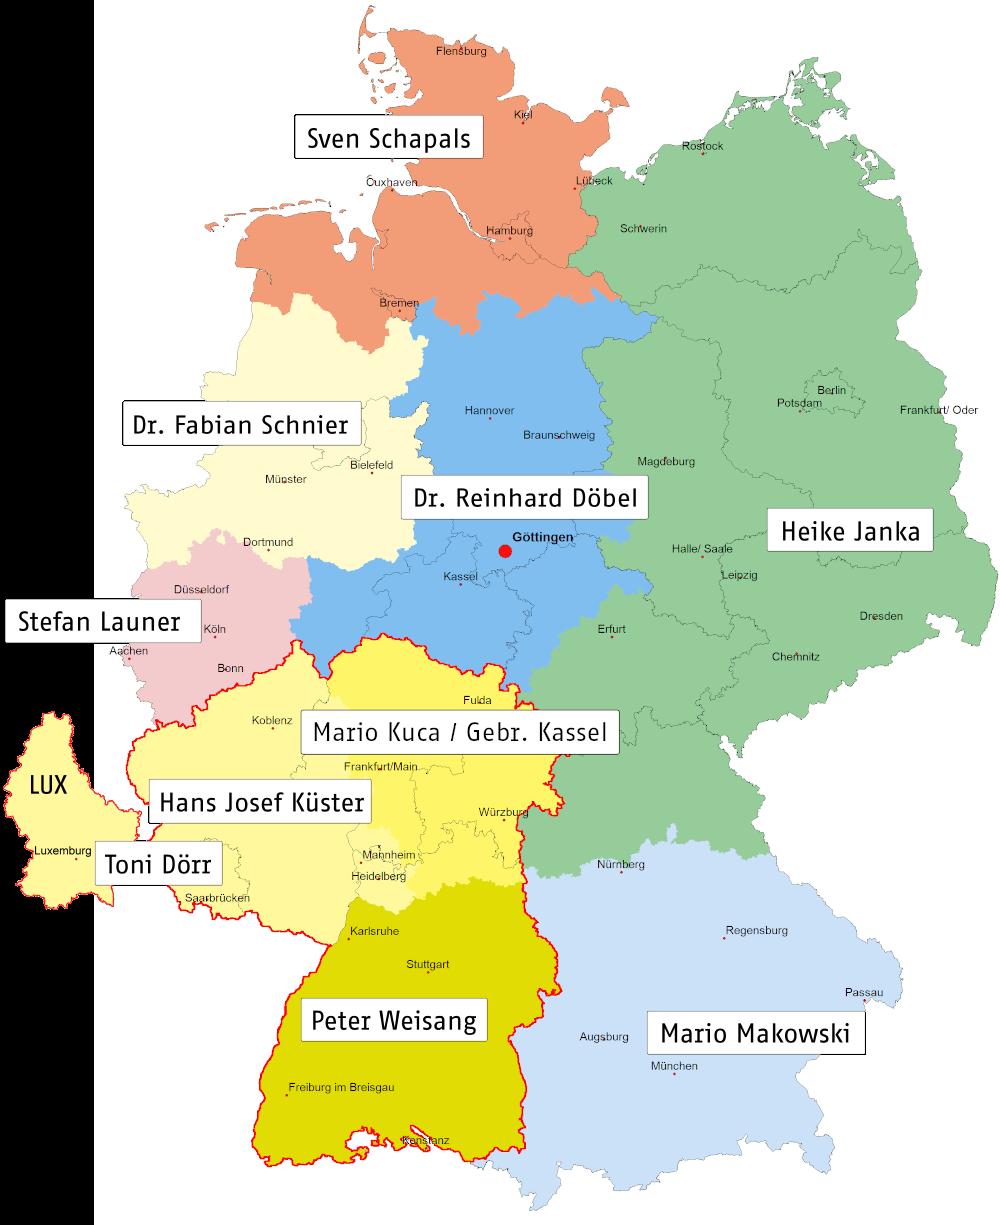 Fachberaterkarte Deutschland